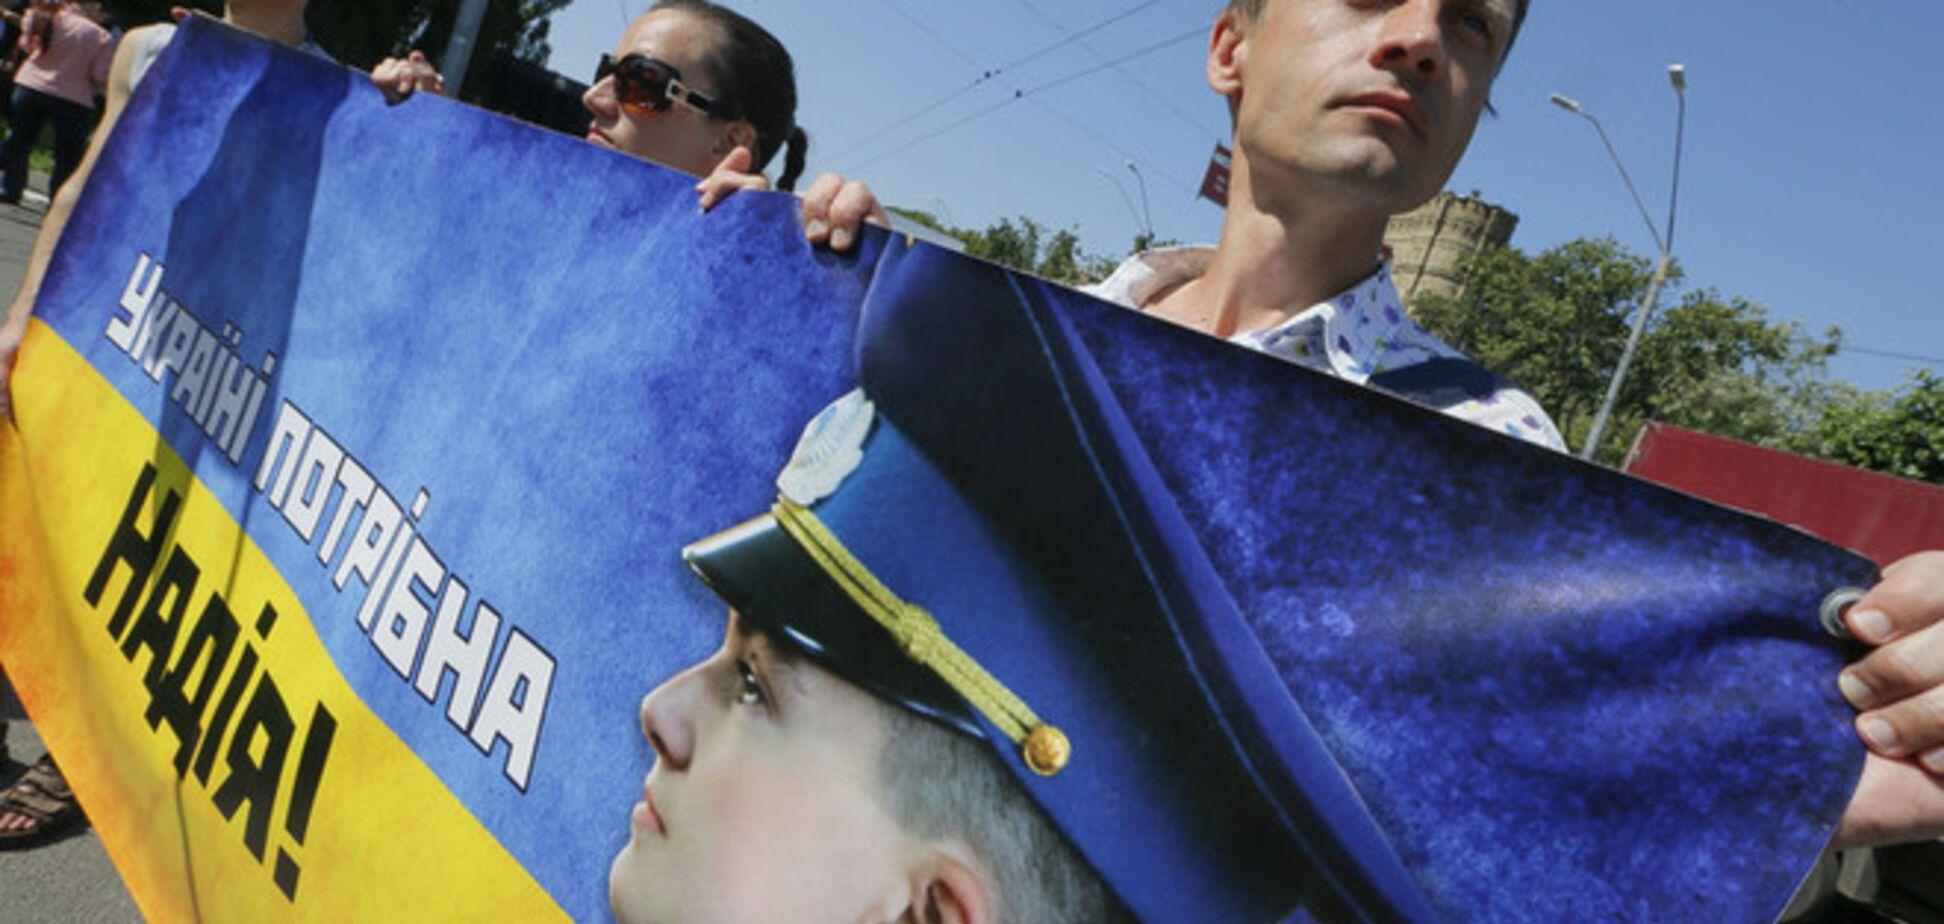 Савченко этапировали в Москву для проведения психиатрической экспертизы - адвокат